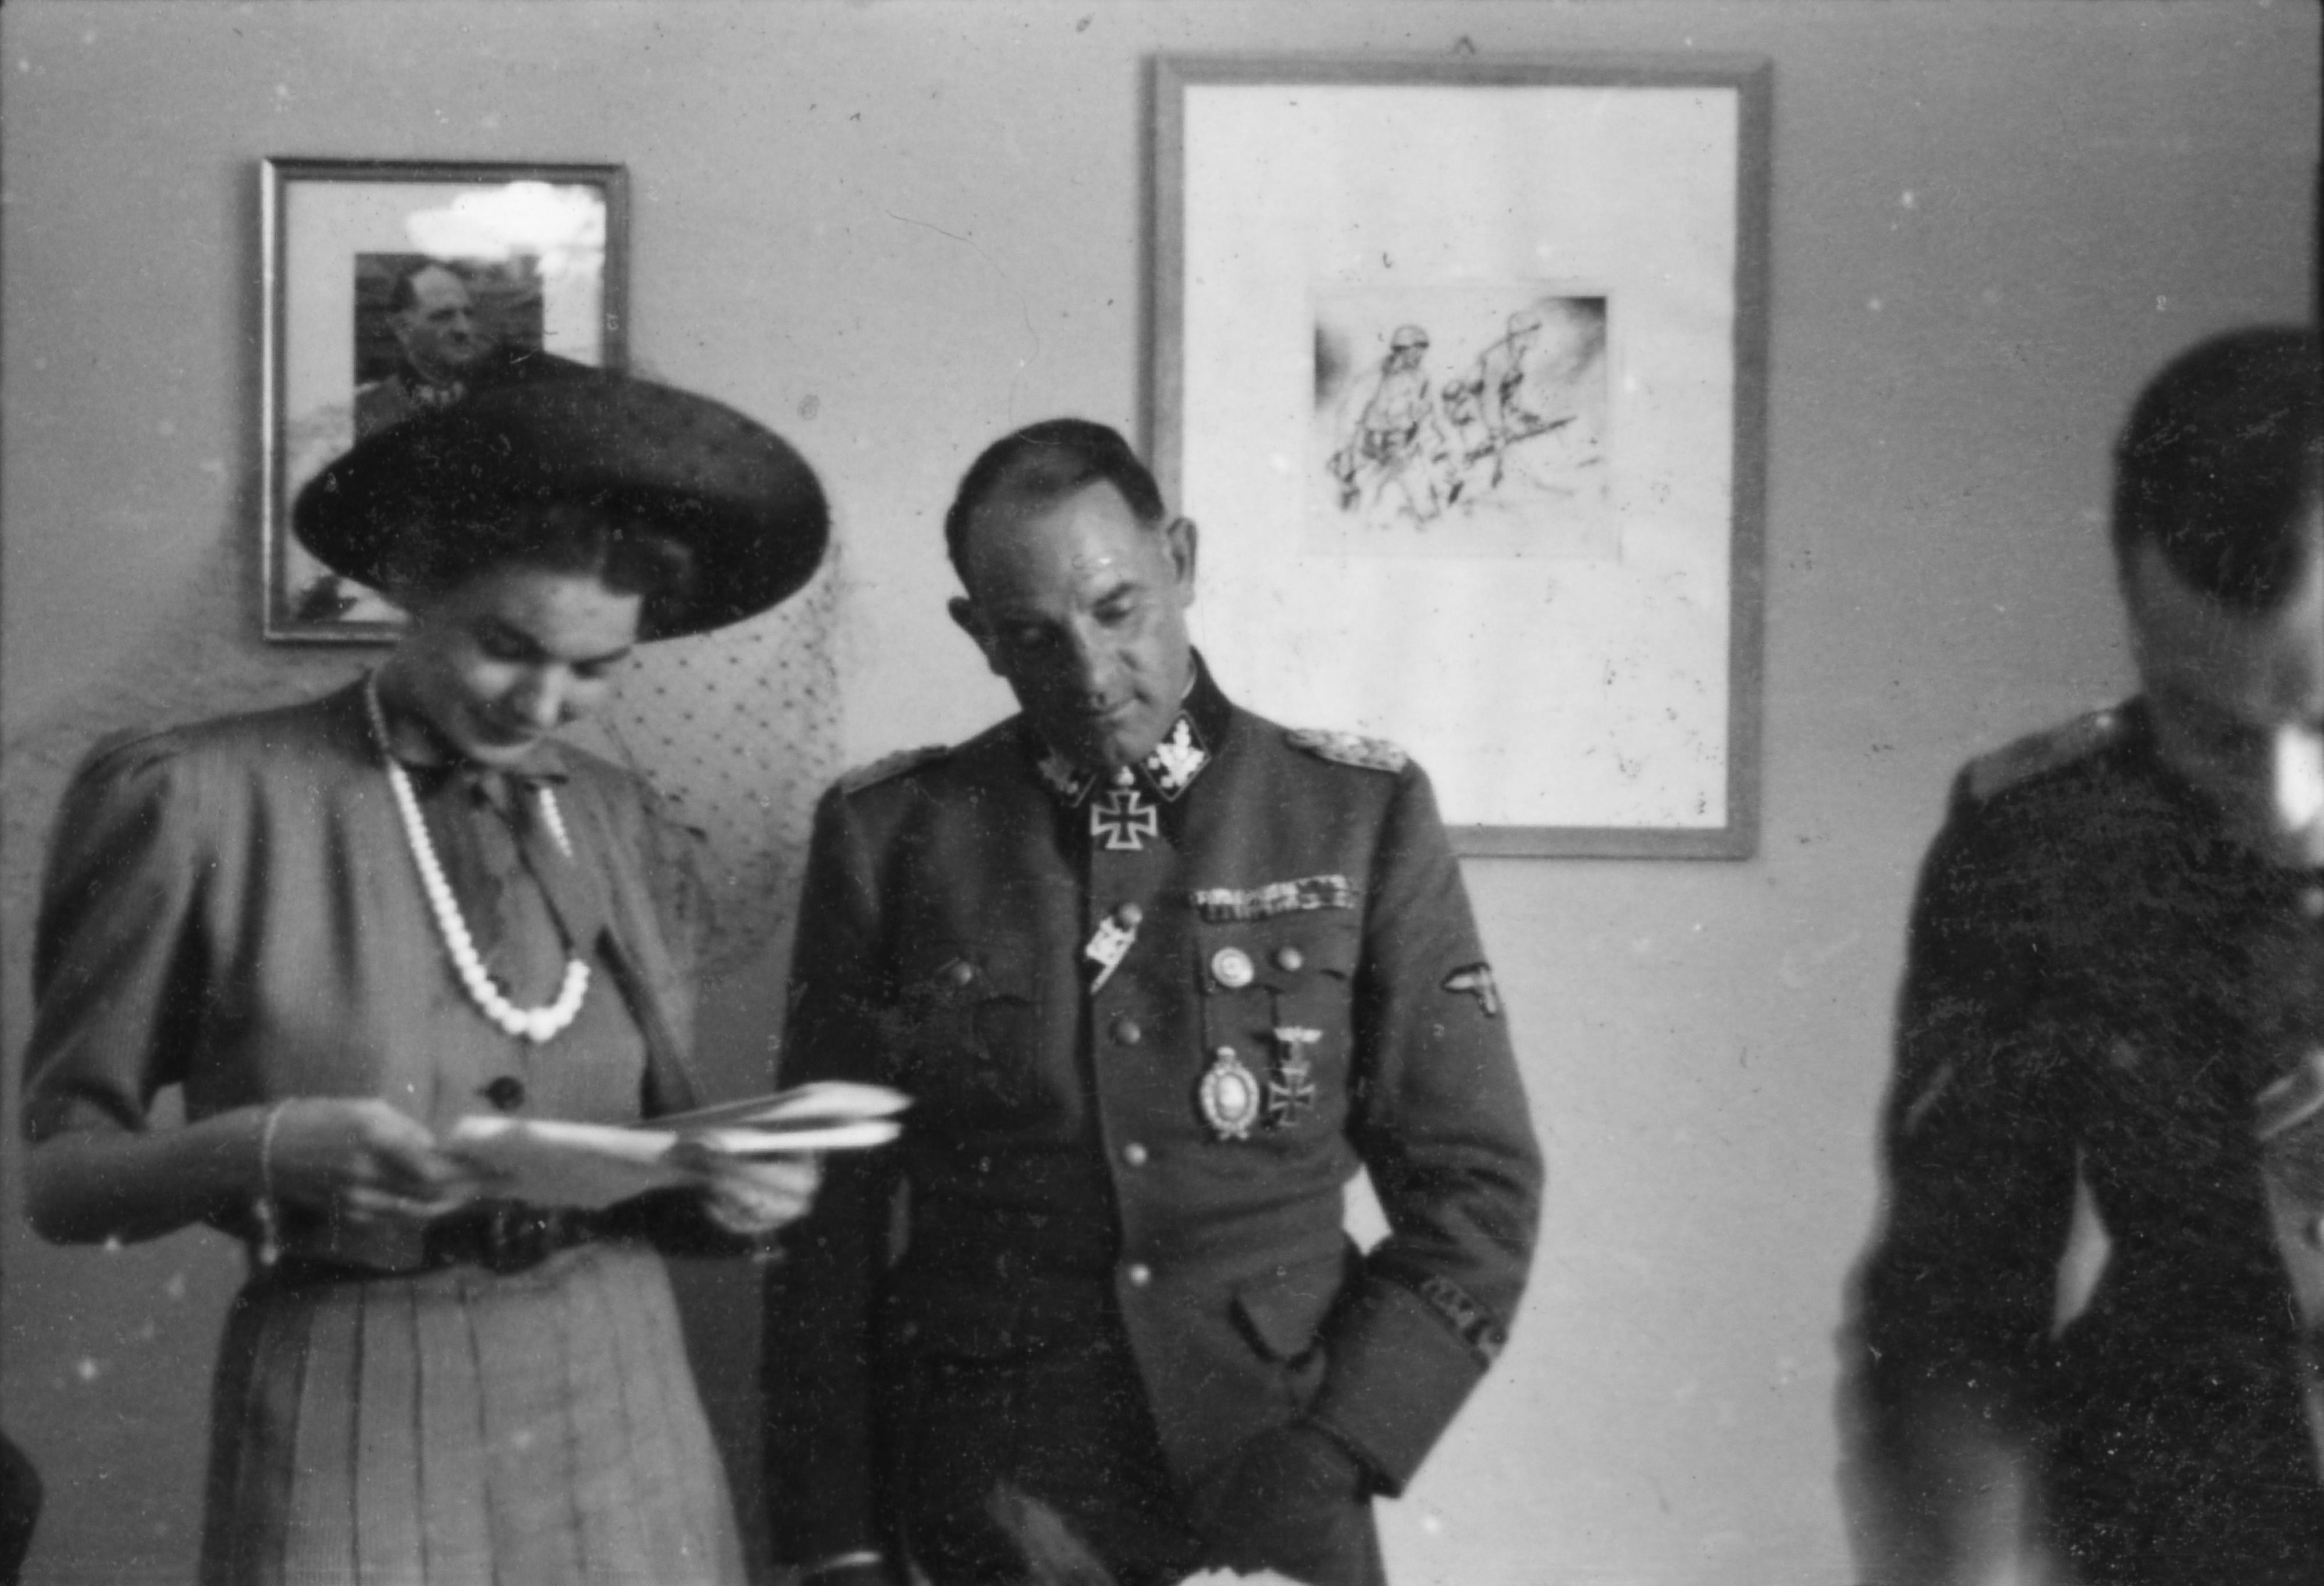 Datei:Bundesarchiv Bild 101III-Alber-045-30, Berlin, Sepp Dietrich mit Ehefrau.jpg